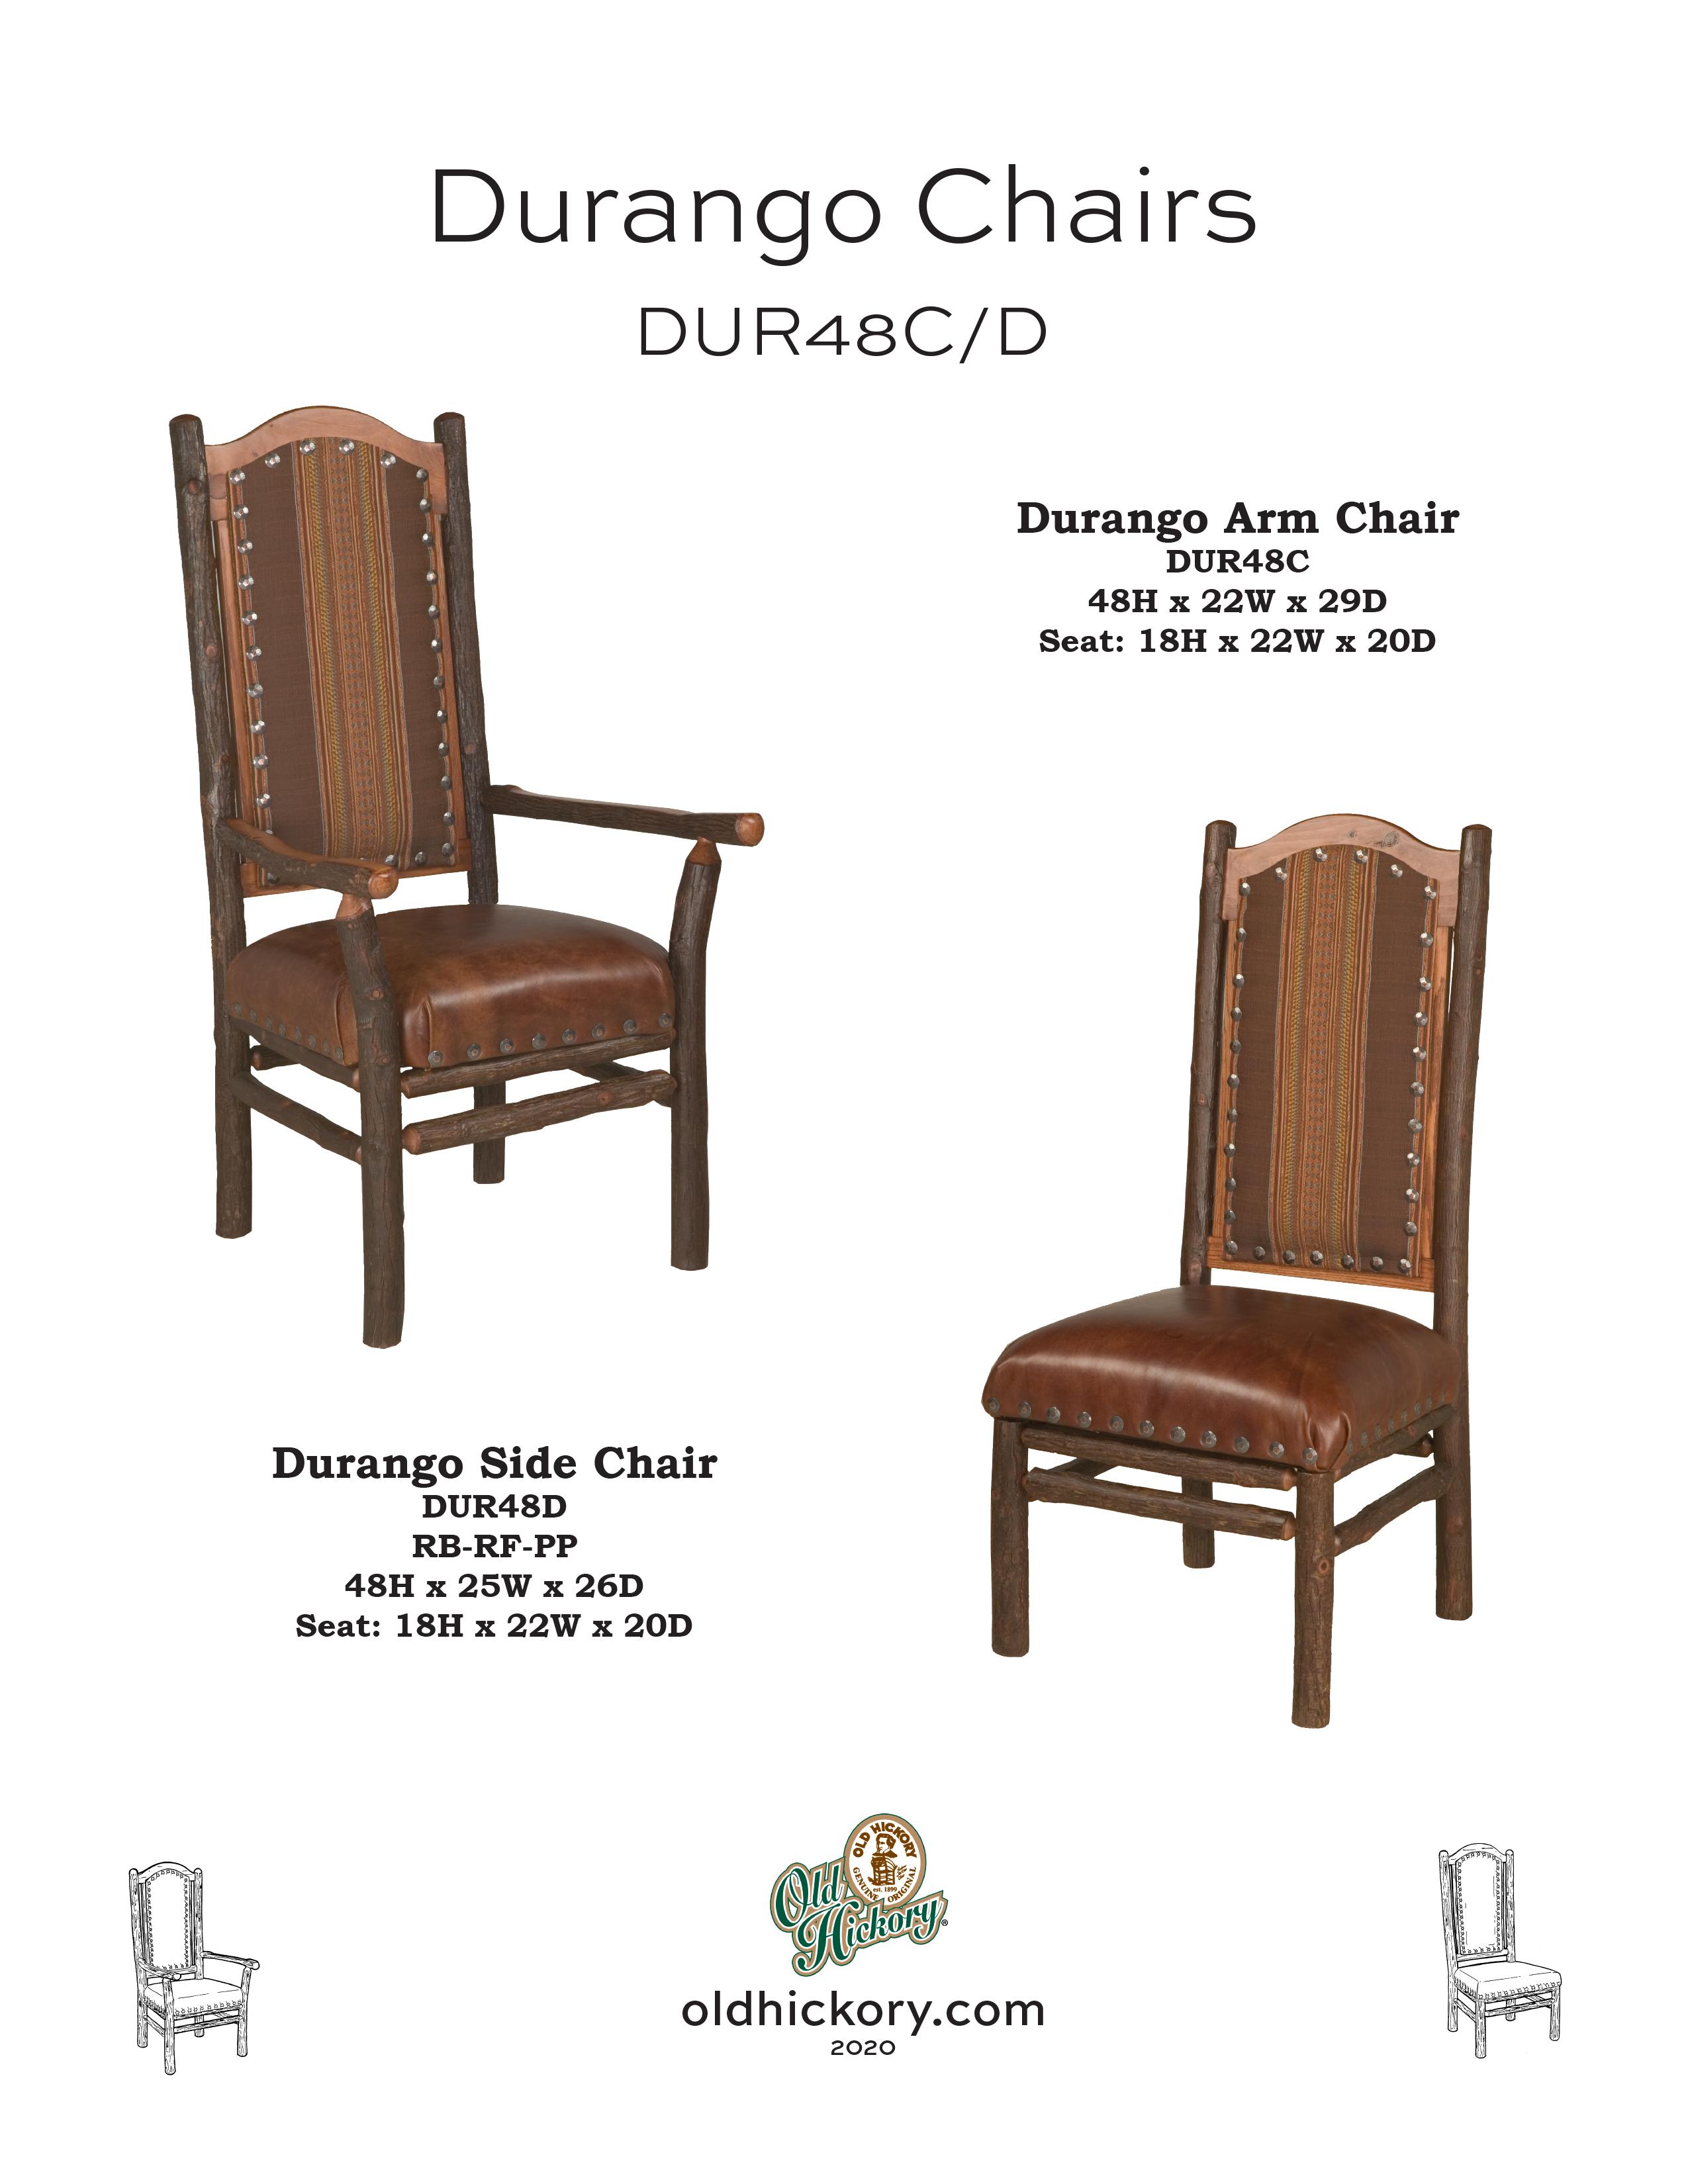 DUR48C & DUR48D